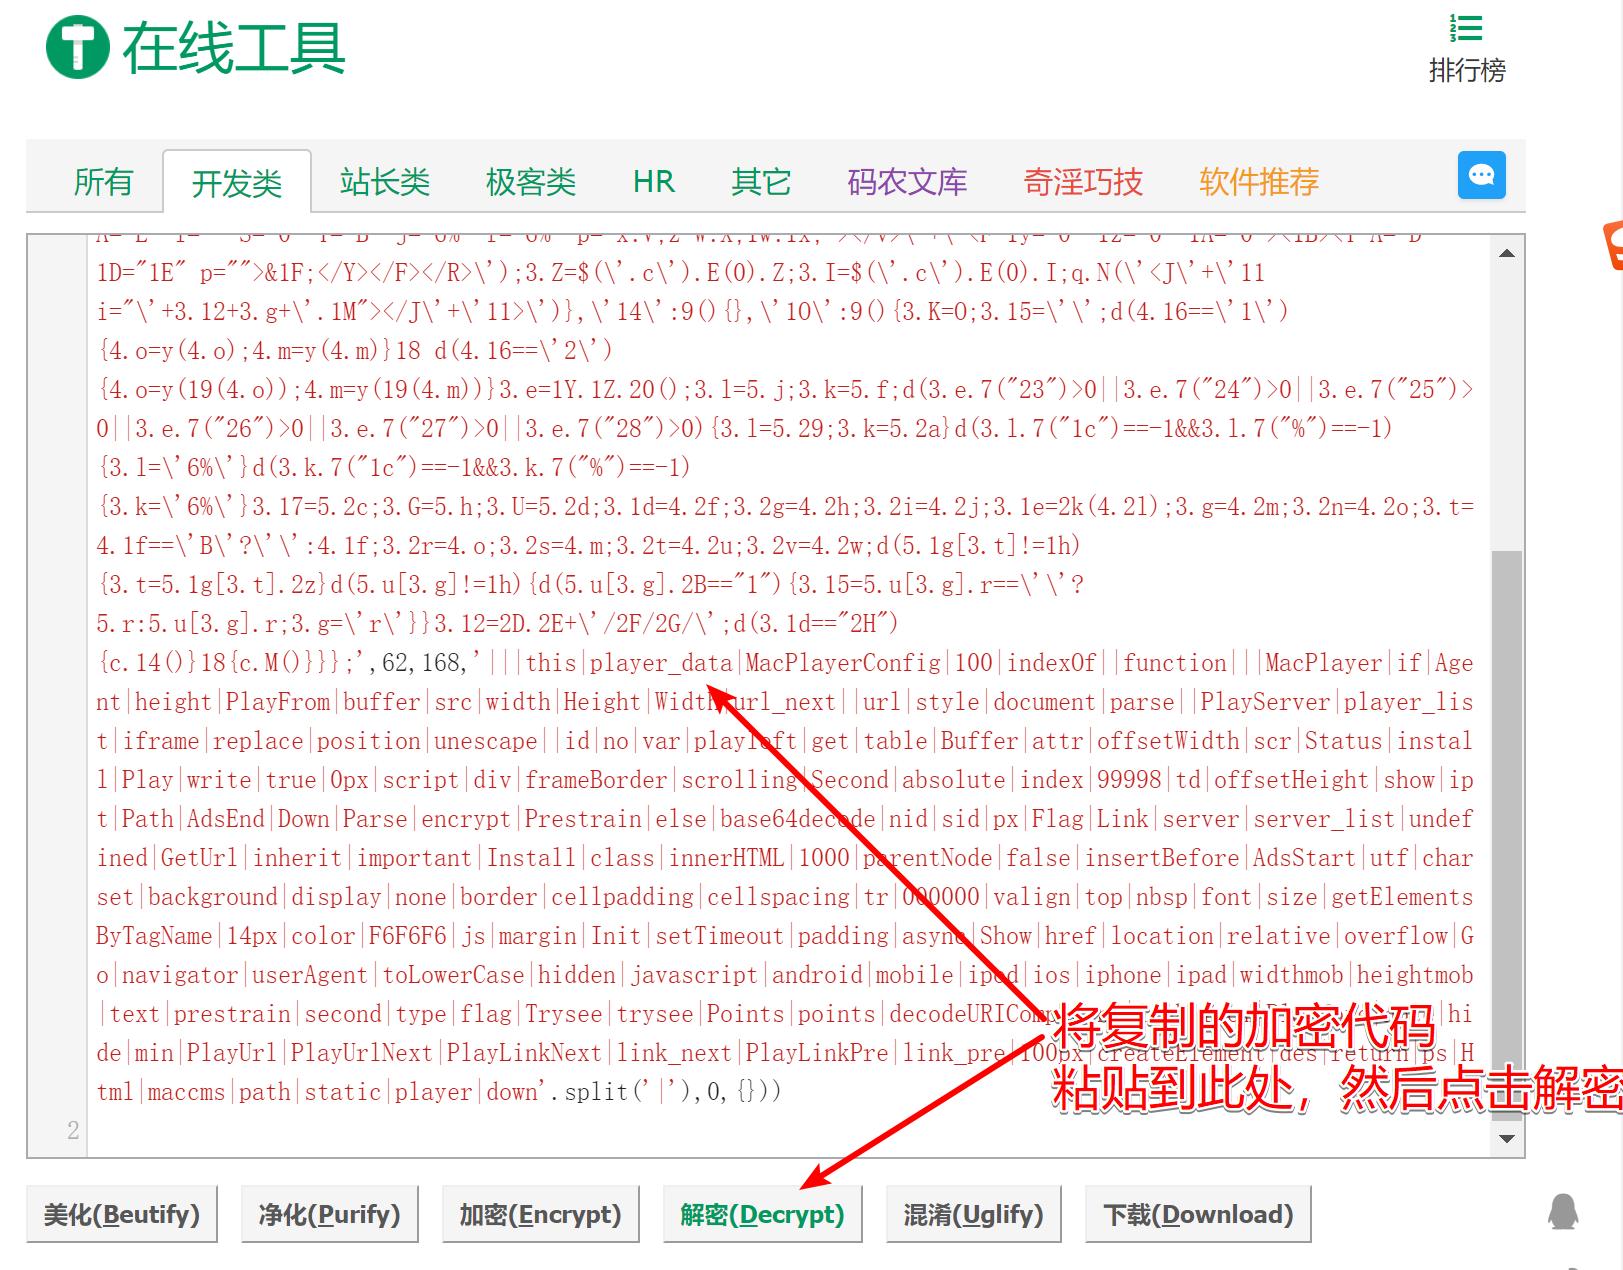 苹果cms8.X和苹果cms10 player.js漏洞修补方法 苹果CMS 第3张